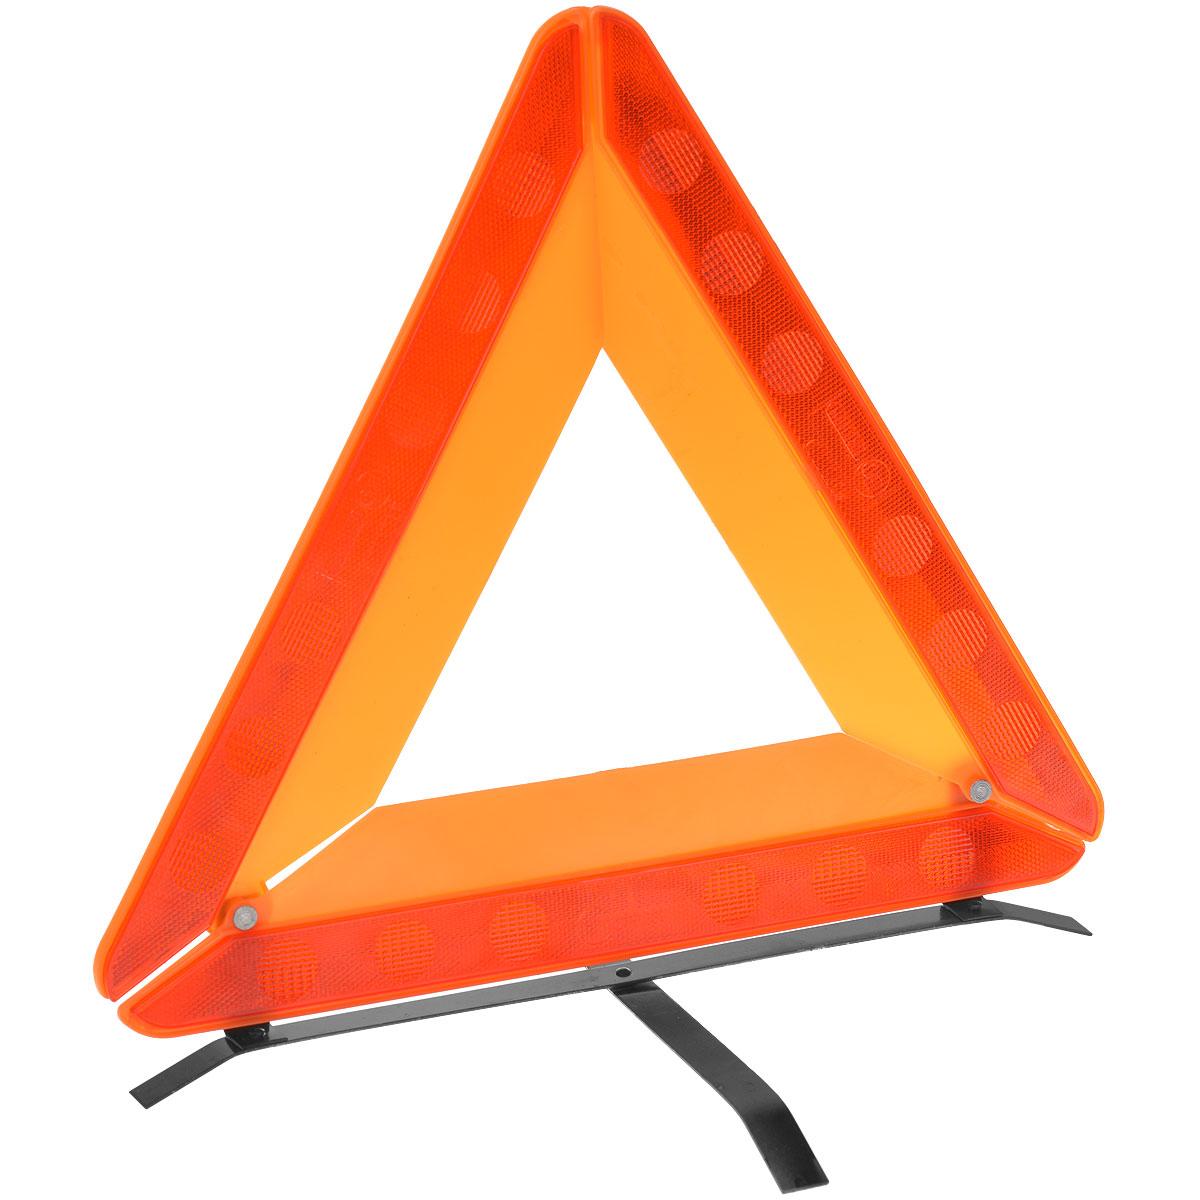 Знак аварийной остановки Phantom PH5039, с пластиковым аракалом5039Знак аварийной остановки Phantom PH5039 выполнен из пластика, оснащен пластиковой вставкой (аракалом). Треугольный, с отражением. Металлическое основание повышает устойчивость знака на дорожном покрытии. Соответствует ГОСТ. Компактно складывается. Для хранения предусмотрен специальный футляр.